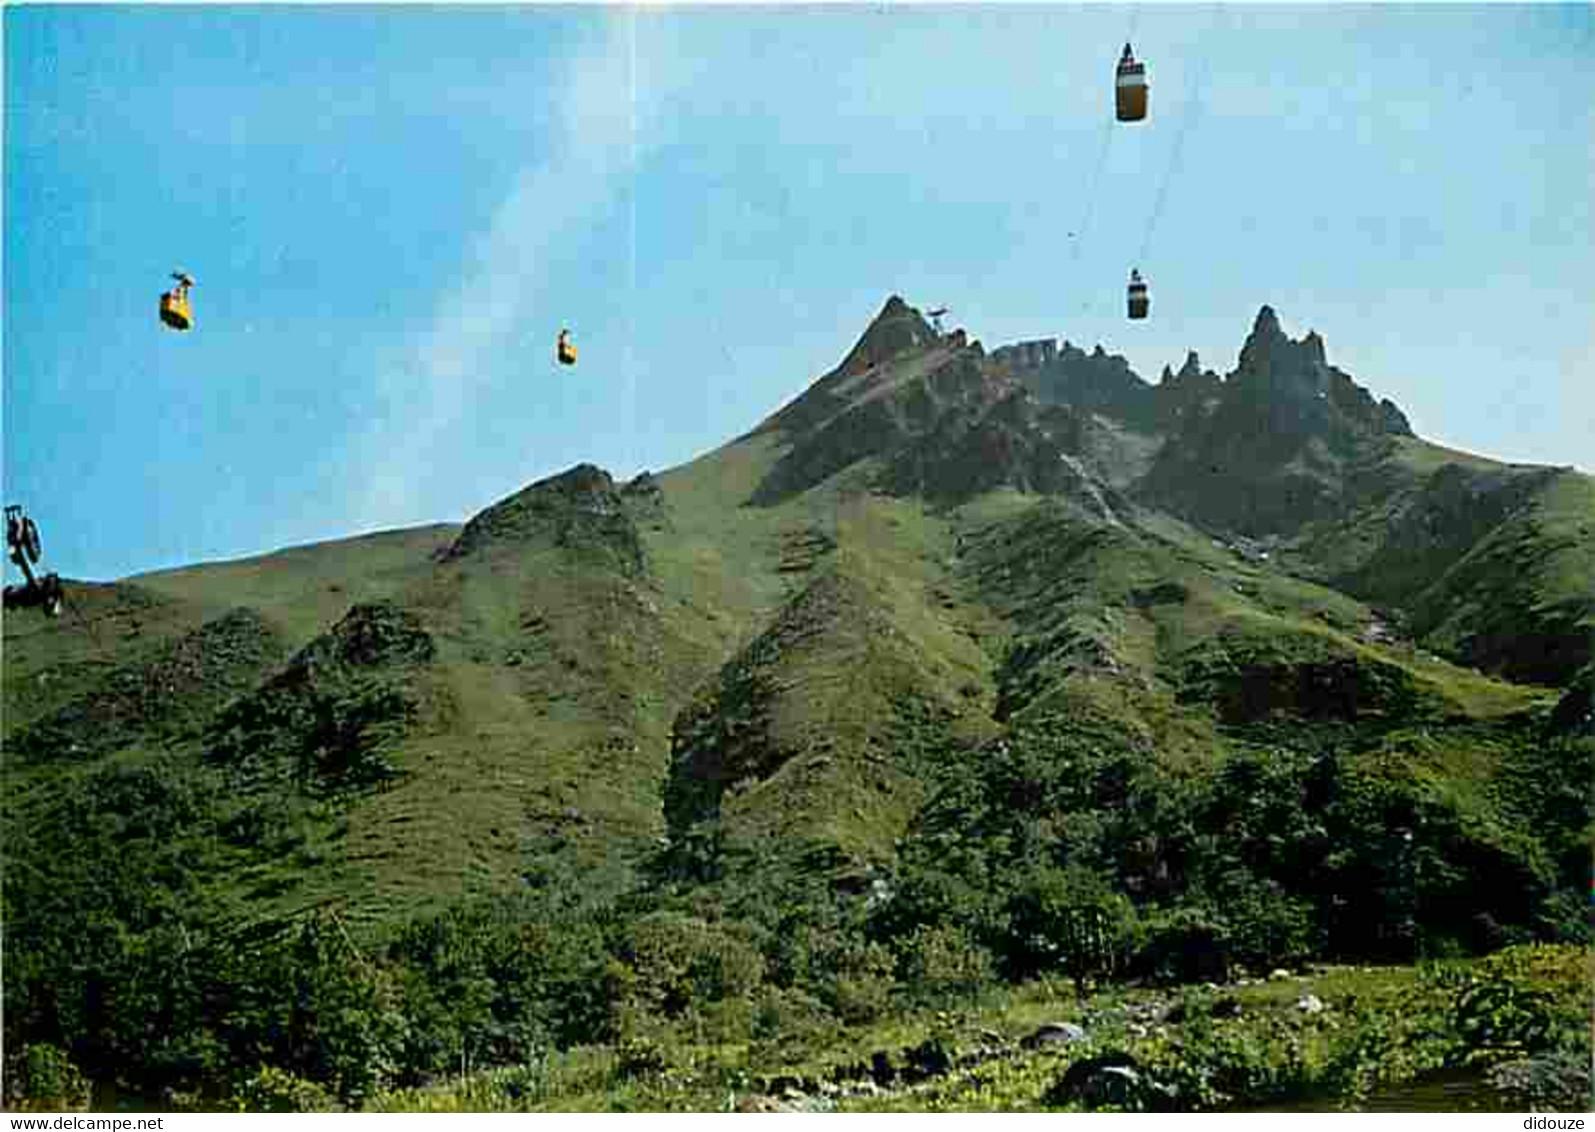 63 - Le Sancy - Massif Du Mont Dore - Les Cabines Des Deux Téléphérique Se Croisent Au Dessus Des Gorges D'Enfer - CPM - - Other Municipalities